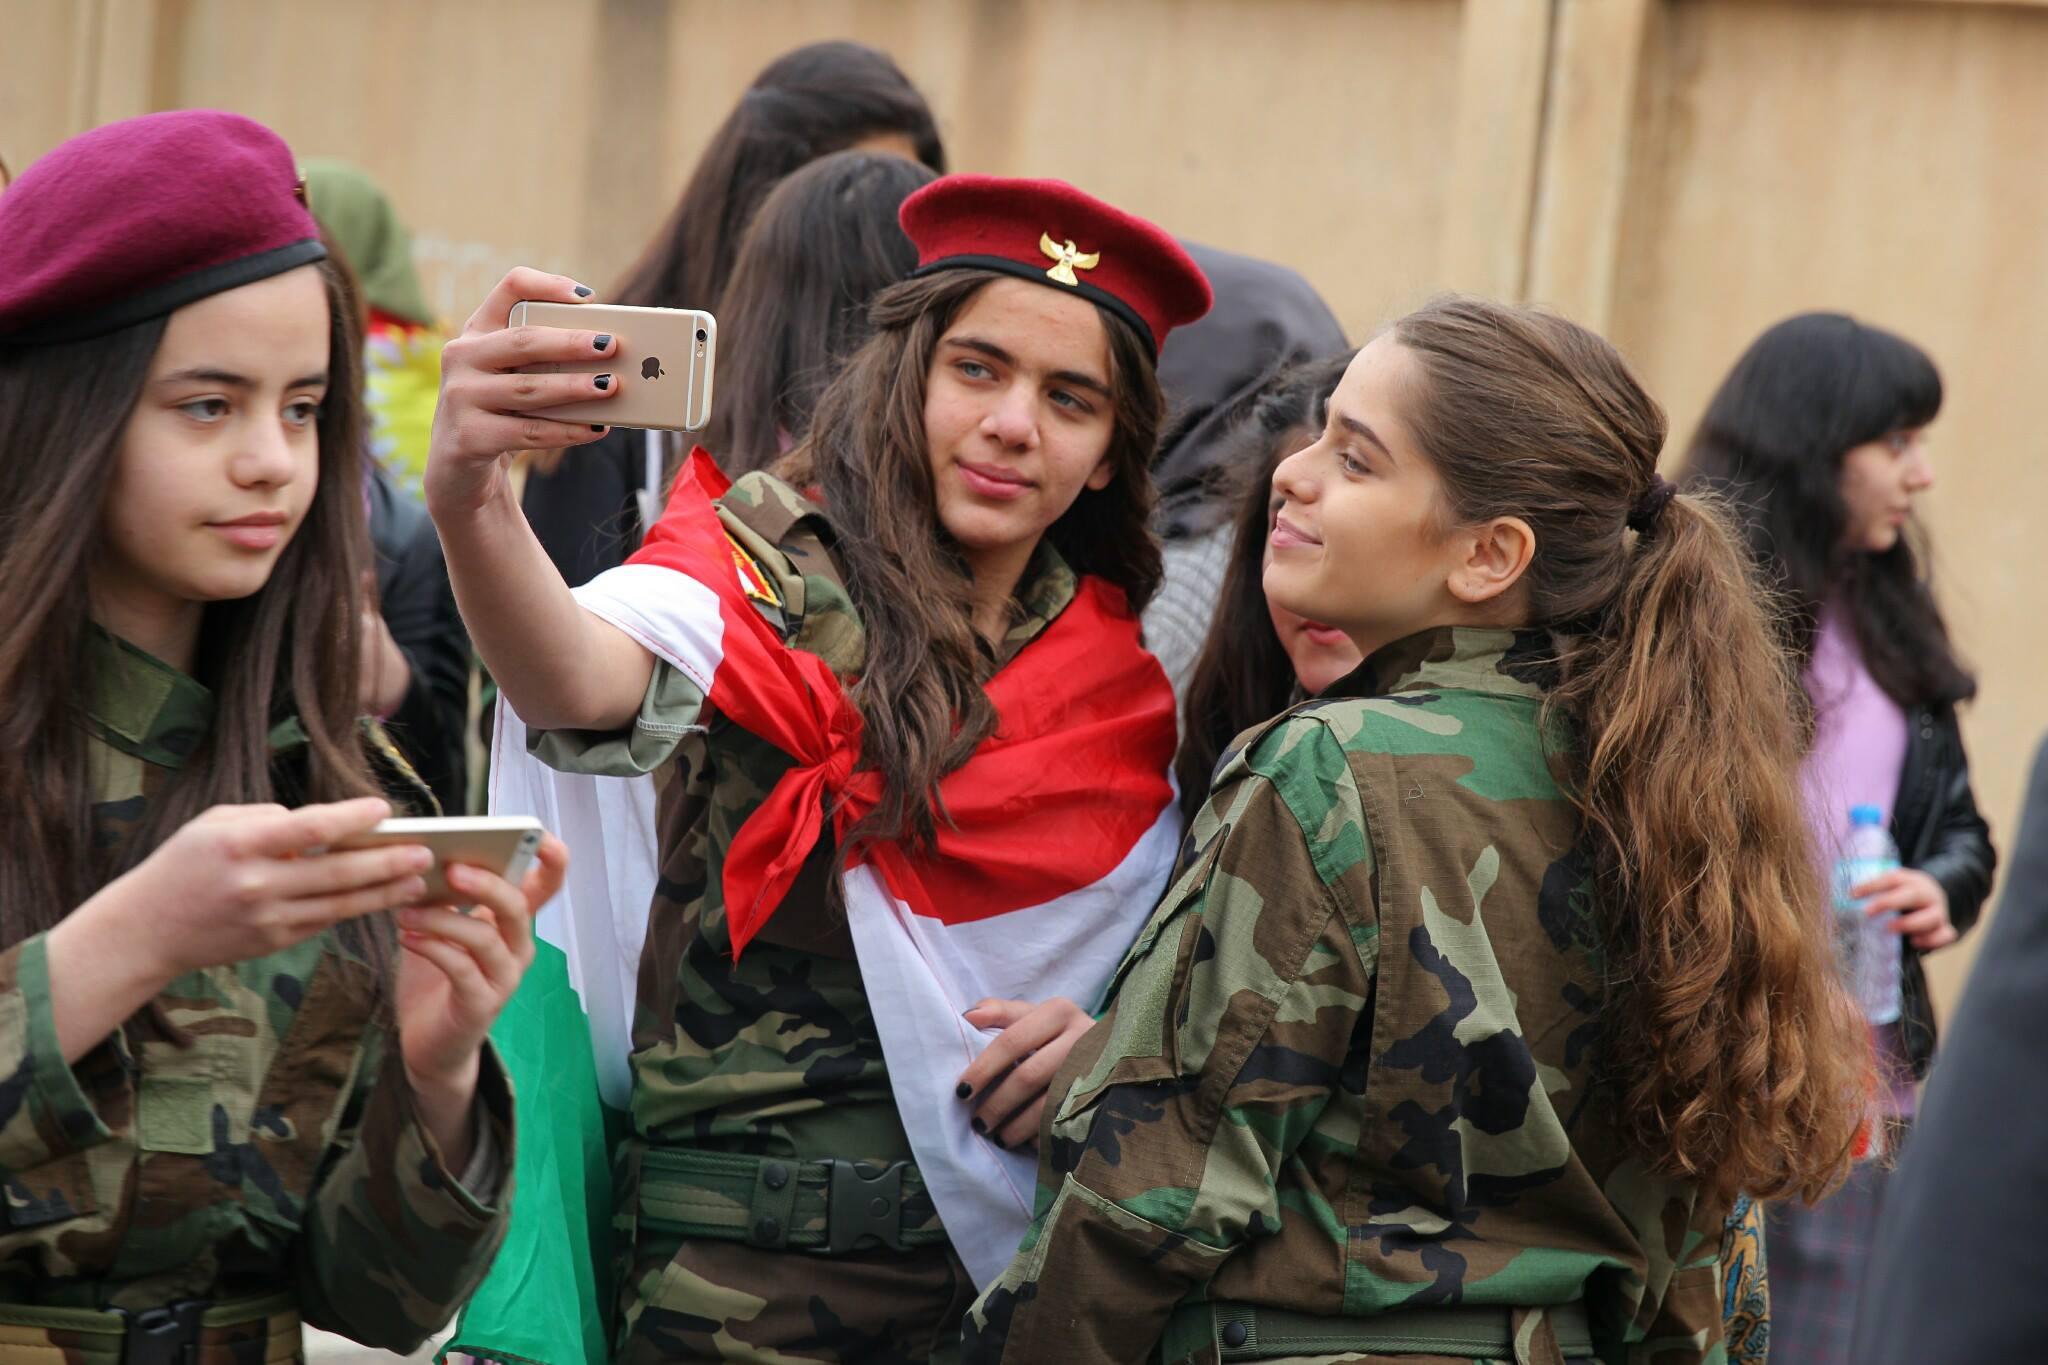 بالصور بنات كردستان , احلى صور لبنات كردستانيات 1264 6